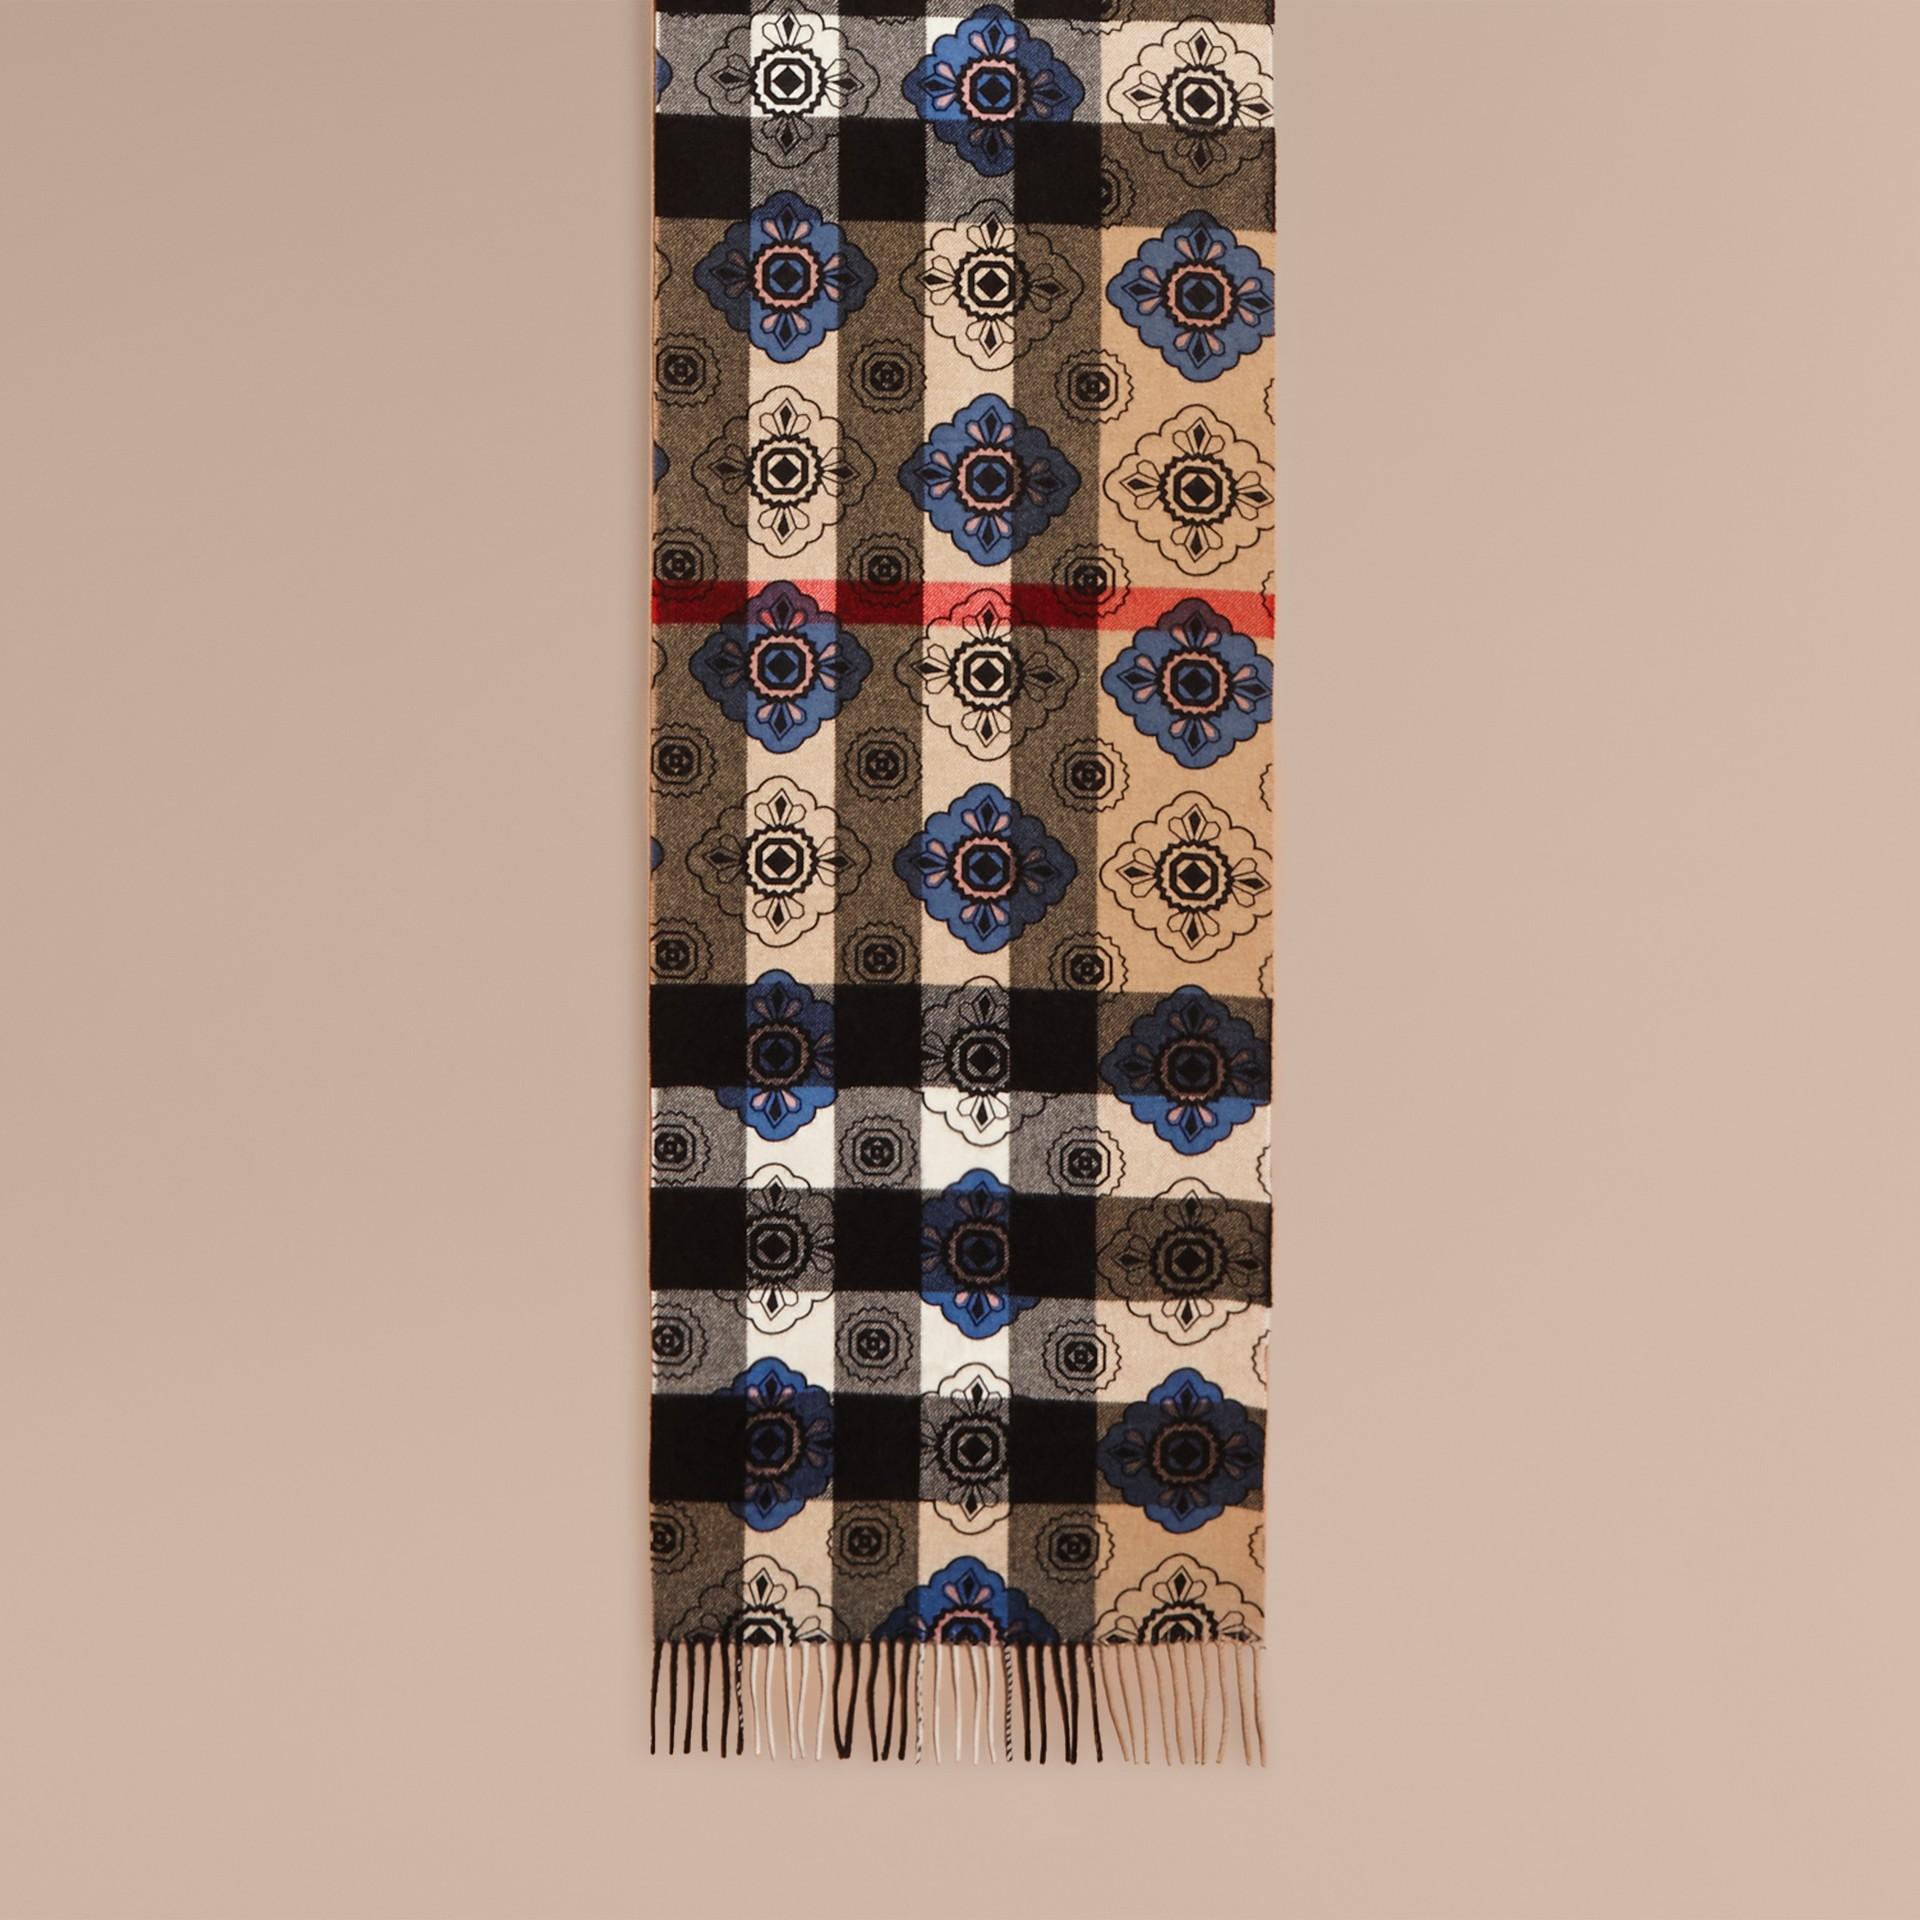 Двусторонний шарф с комбинированным принтом | Burberry - изображение 2